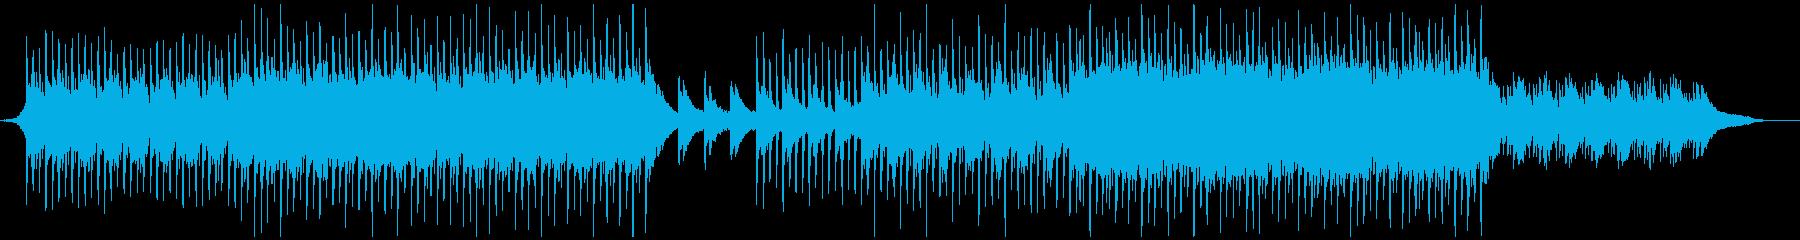 【企業VP】コーポレート・わくわくの再生済みの波形